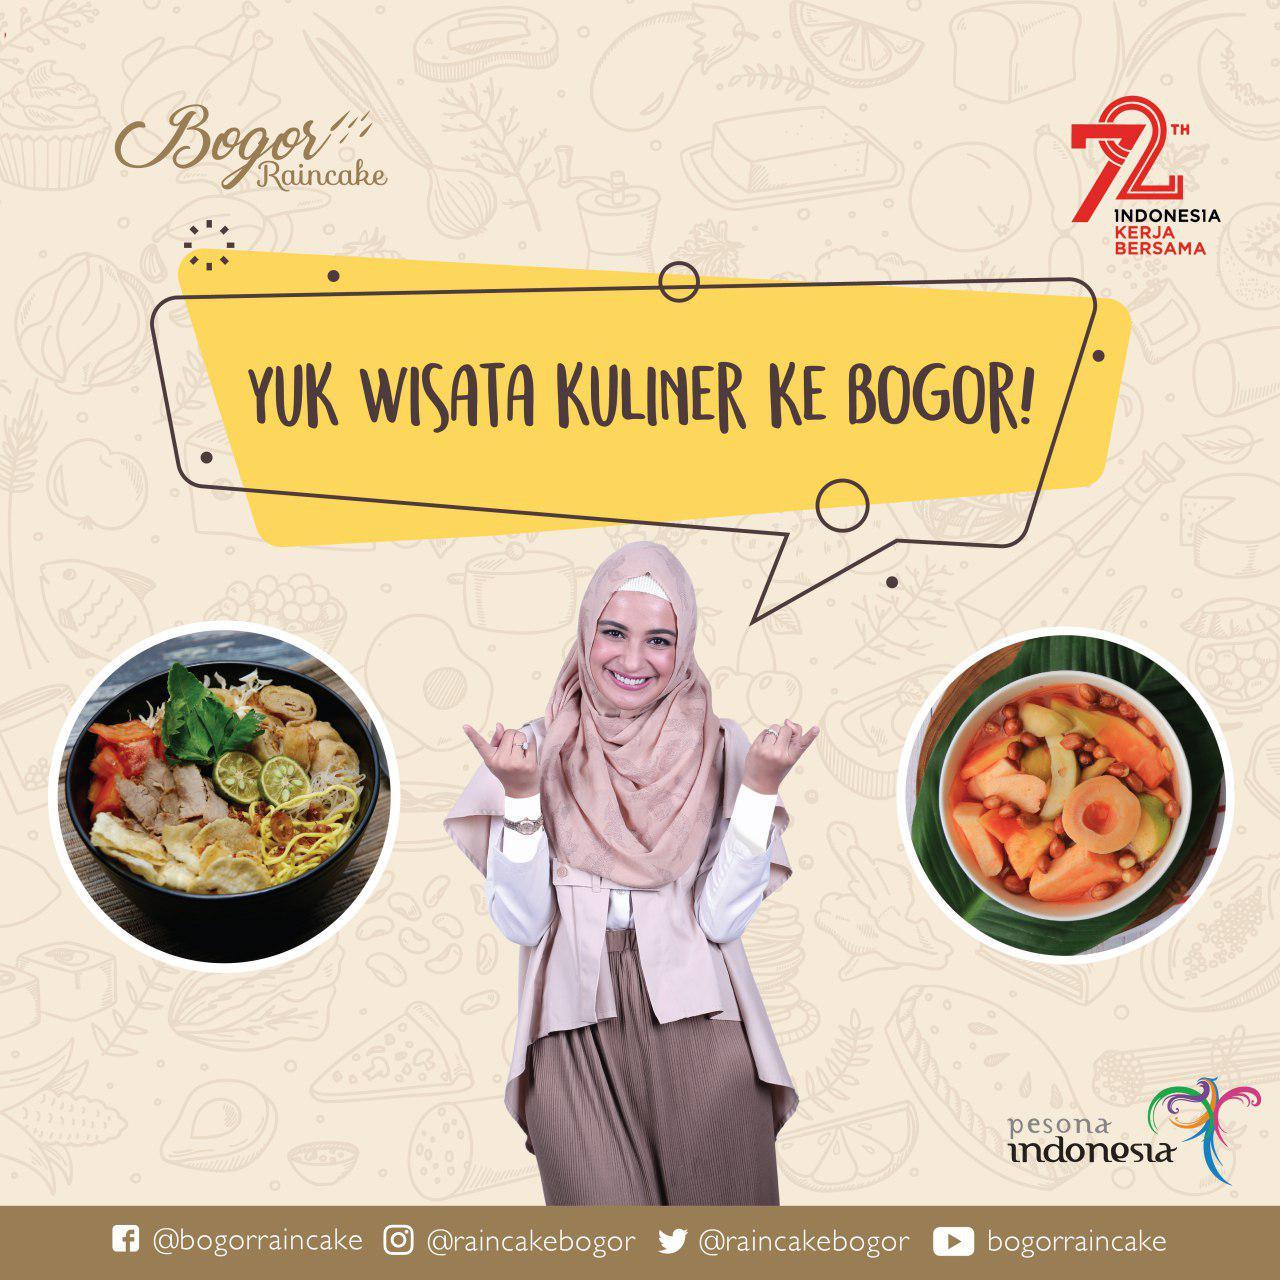 Yuuk Wisata Kuliner Ke Bogor Bogor Rain Cake